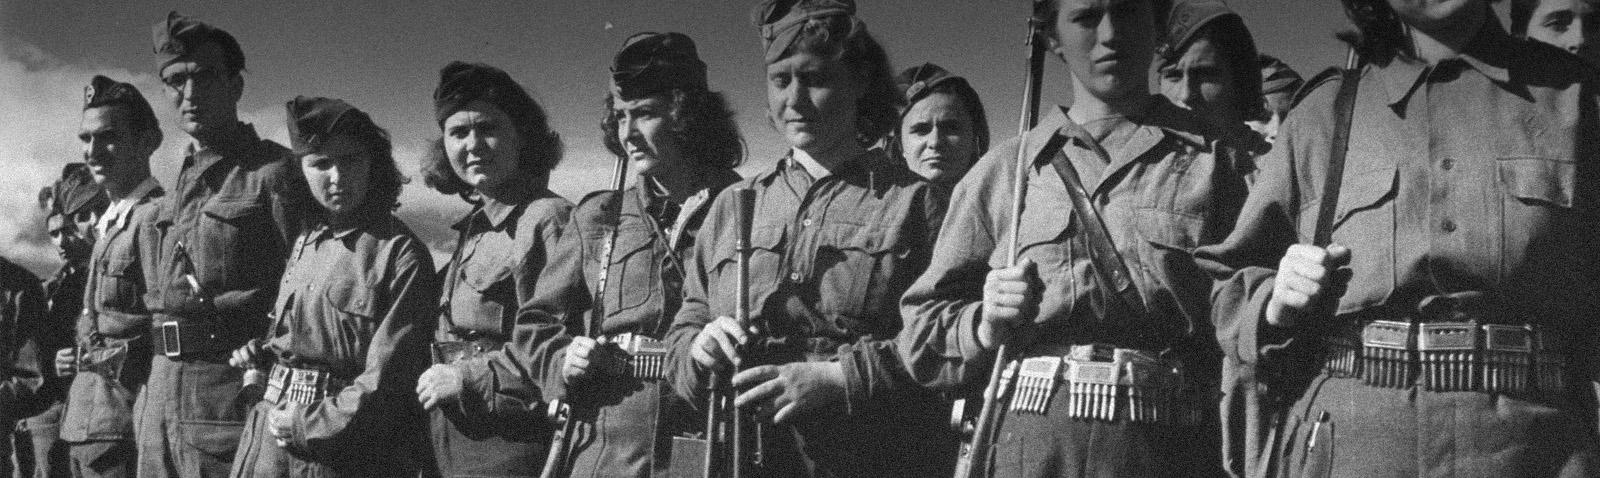 """Résultat de recherche d'images pour """"Résistance grecque EAM  aux nazis  Images"""""""